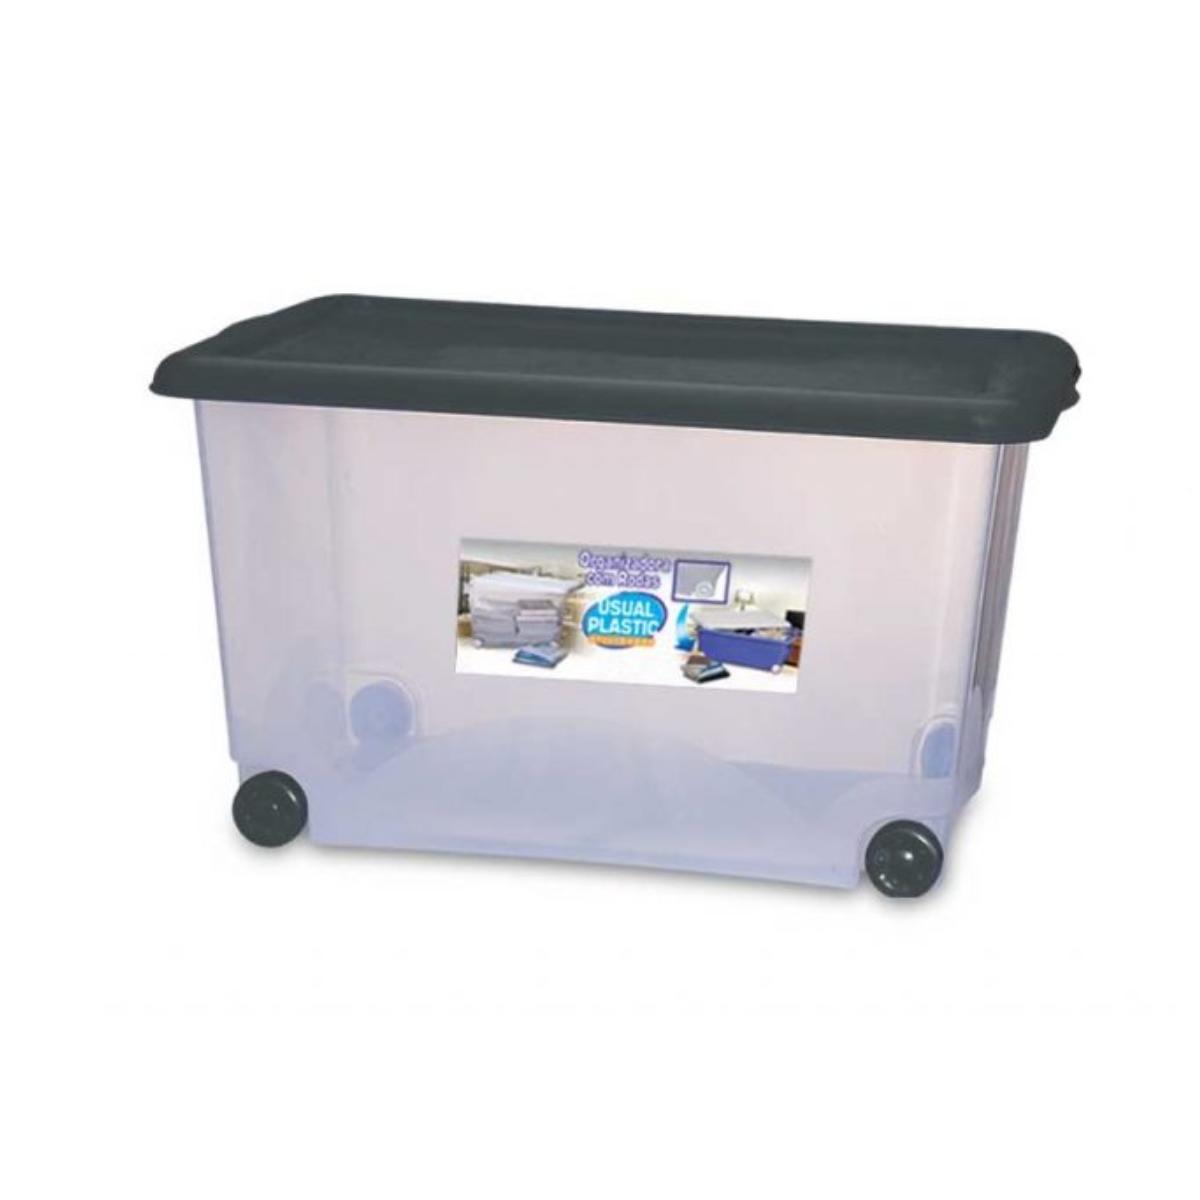 Caixa Organizadora Plástica com rodas 50 litros Usual Plastic  - Casa do Roadie